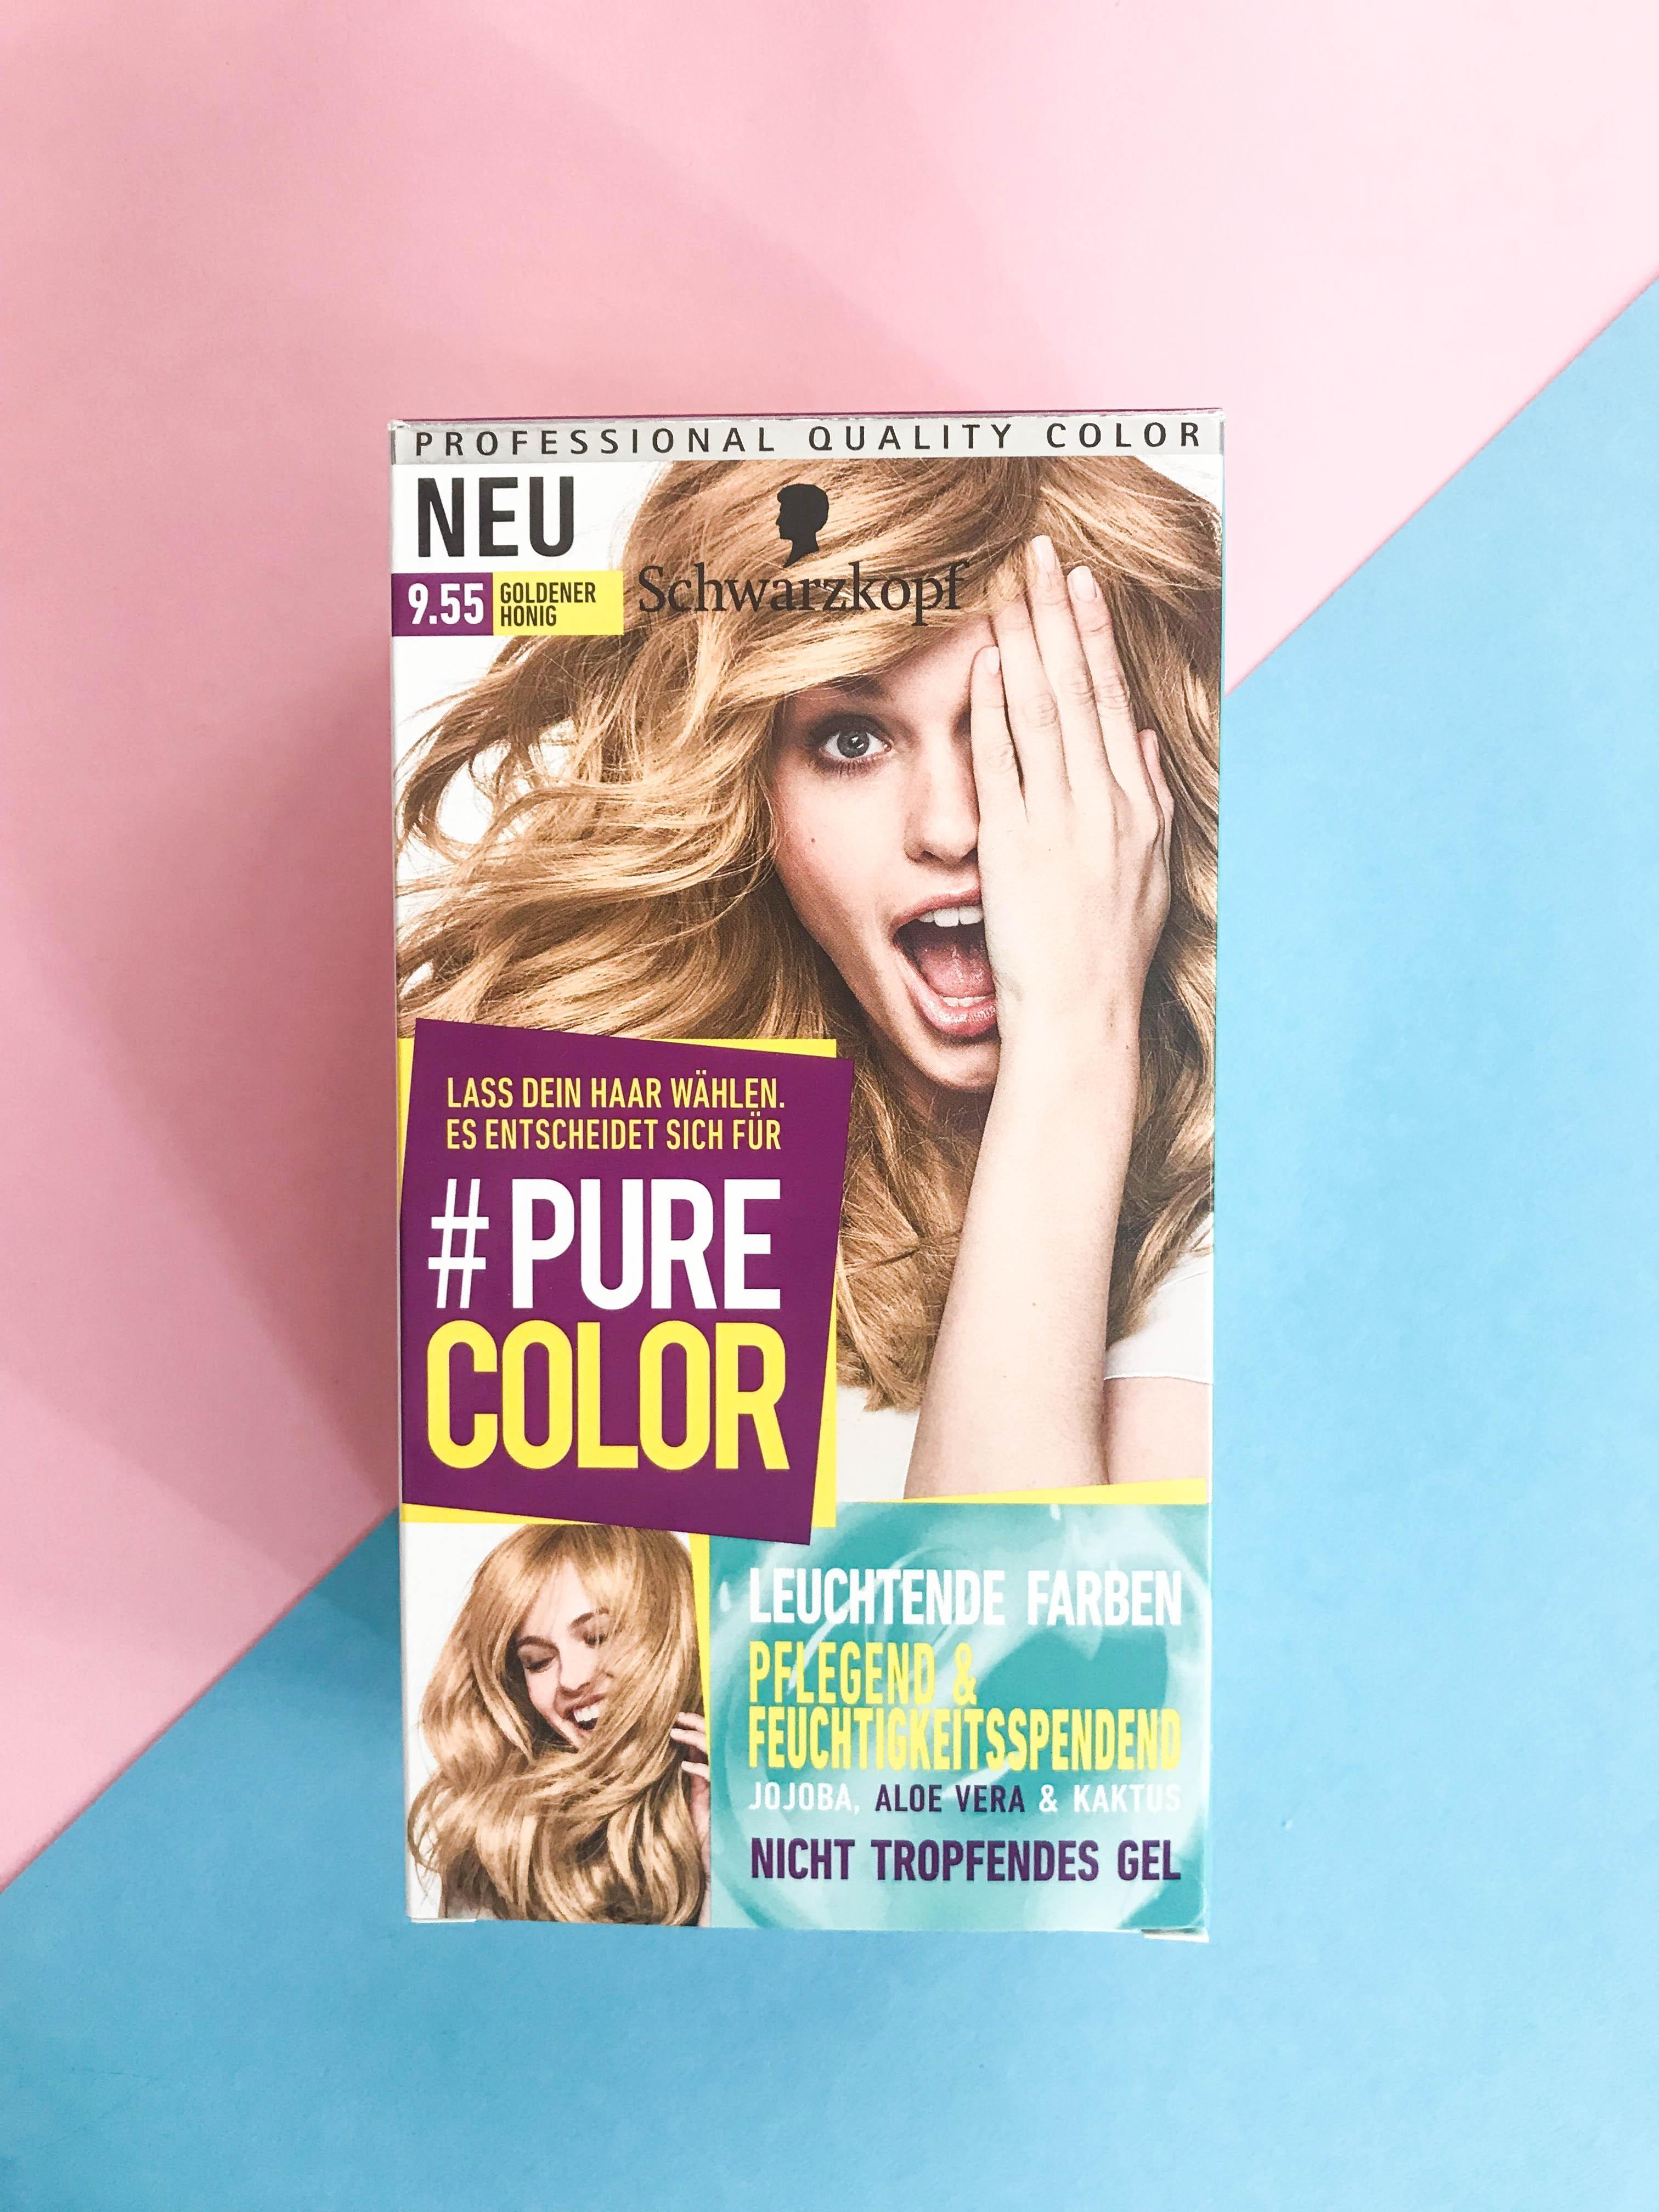 Die Purecolor Coloration Von Schwarzkopf Mit Gel Fo